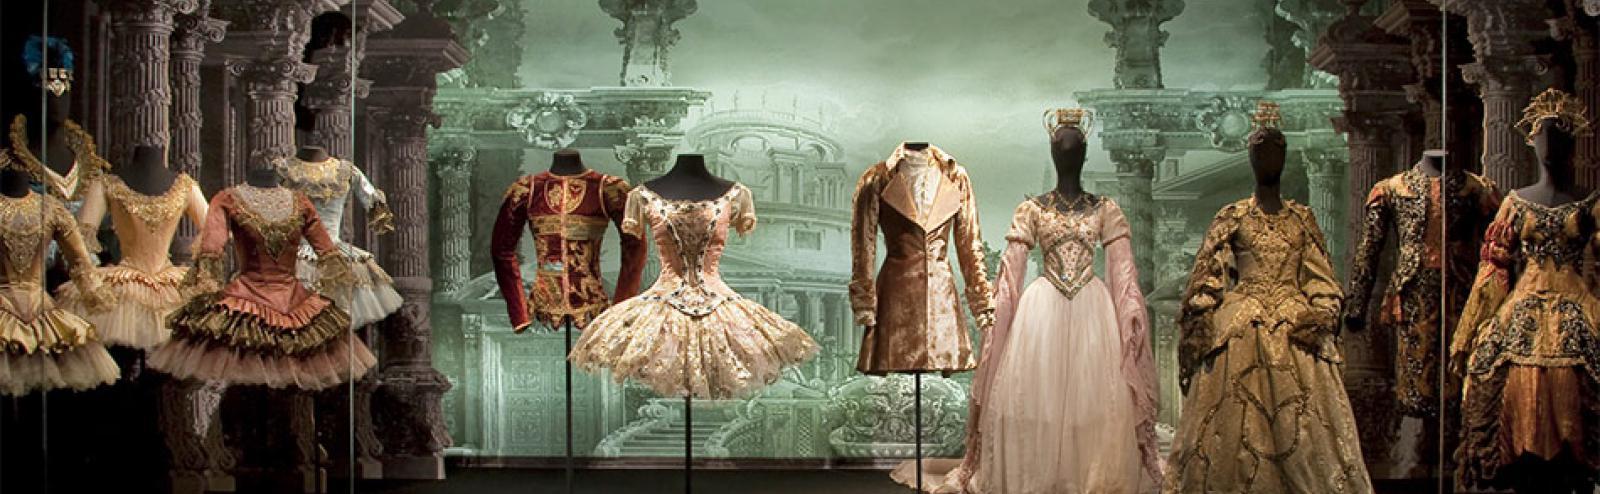 Les trésors de l'Opéra Comique - CNCS à MOULINS.